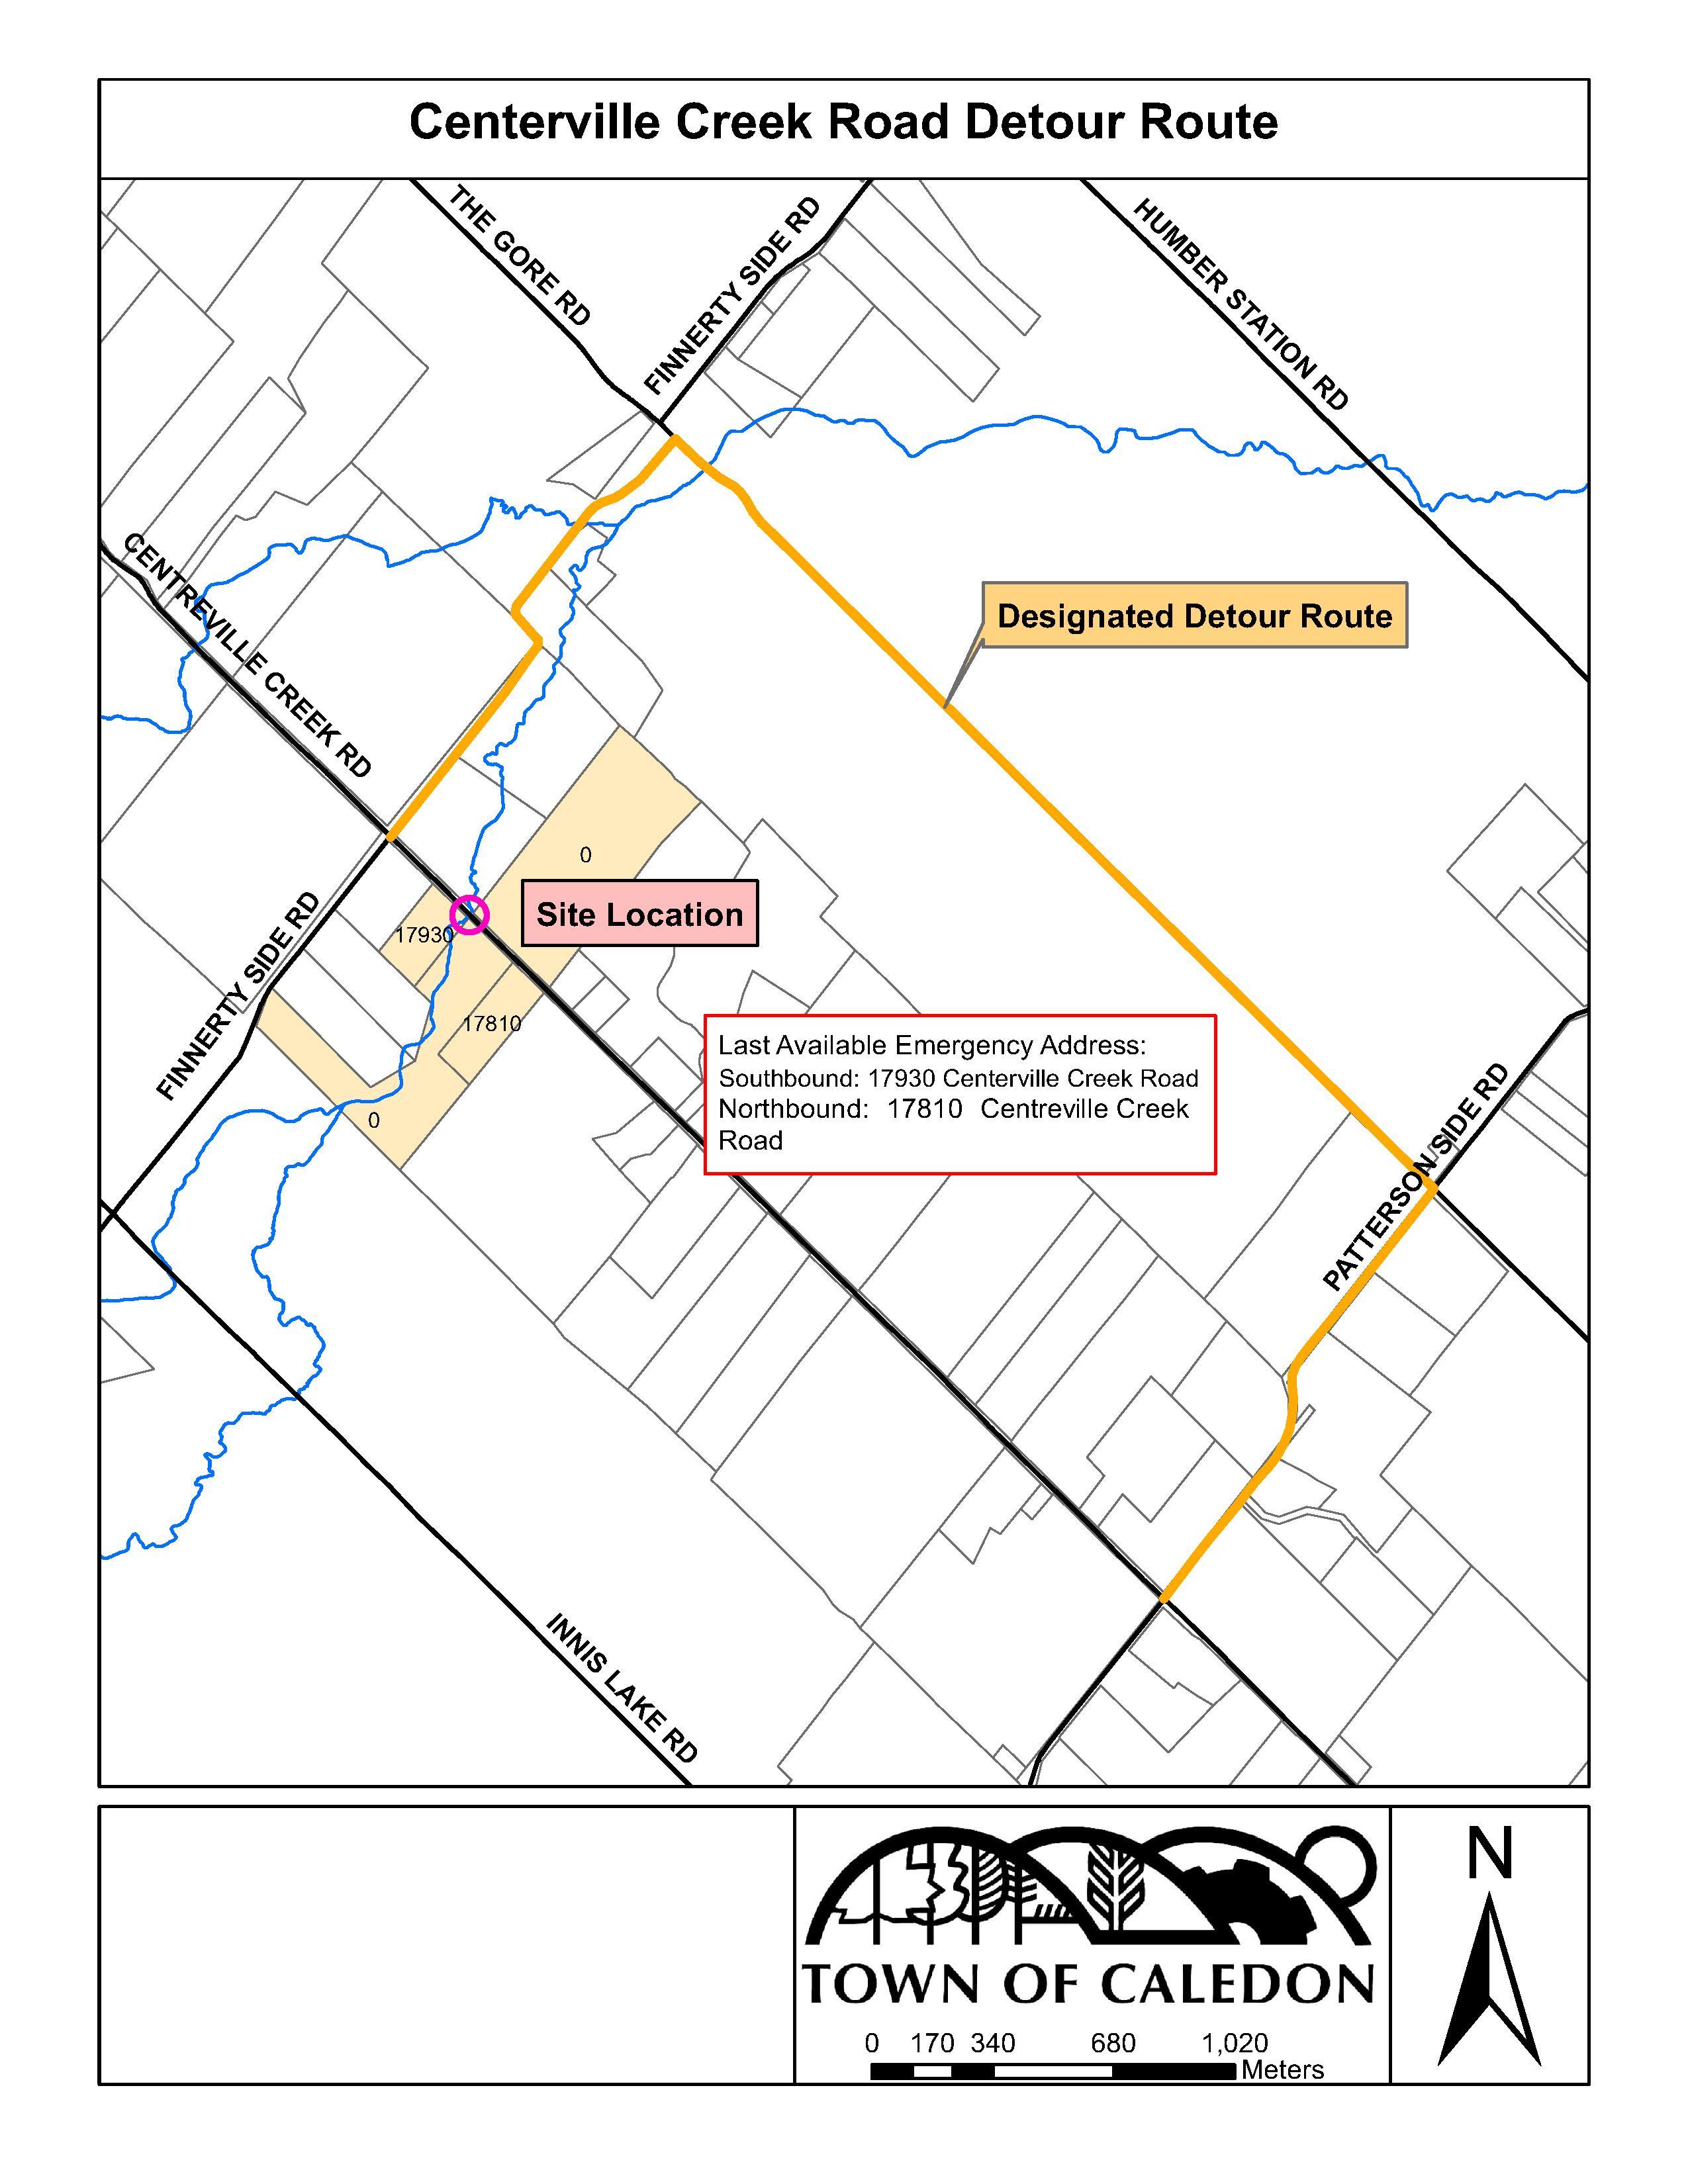 Centreville Creek Road Detour